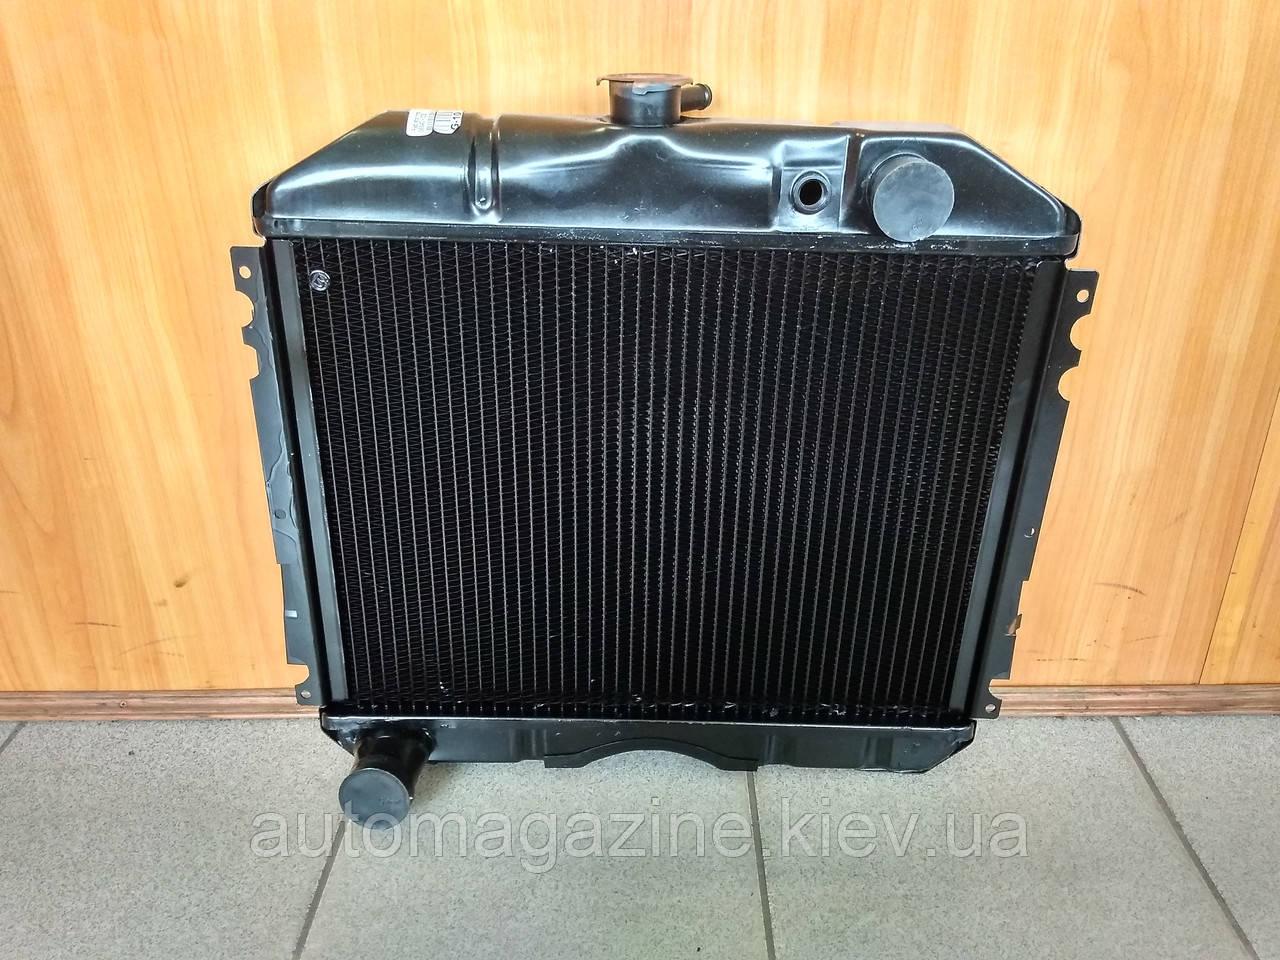 Радіатор охолодження мідний ГАЗ 2410, РАФ (3-х рядний)